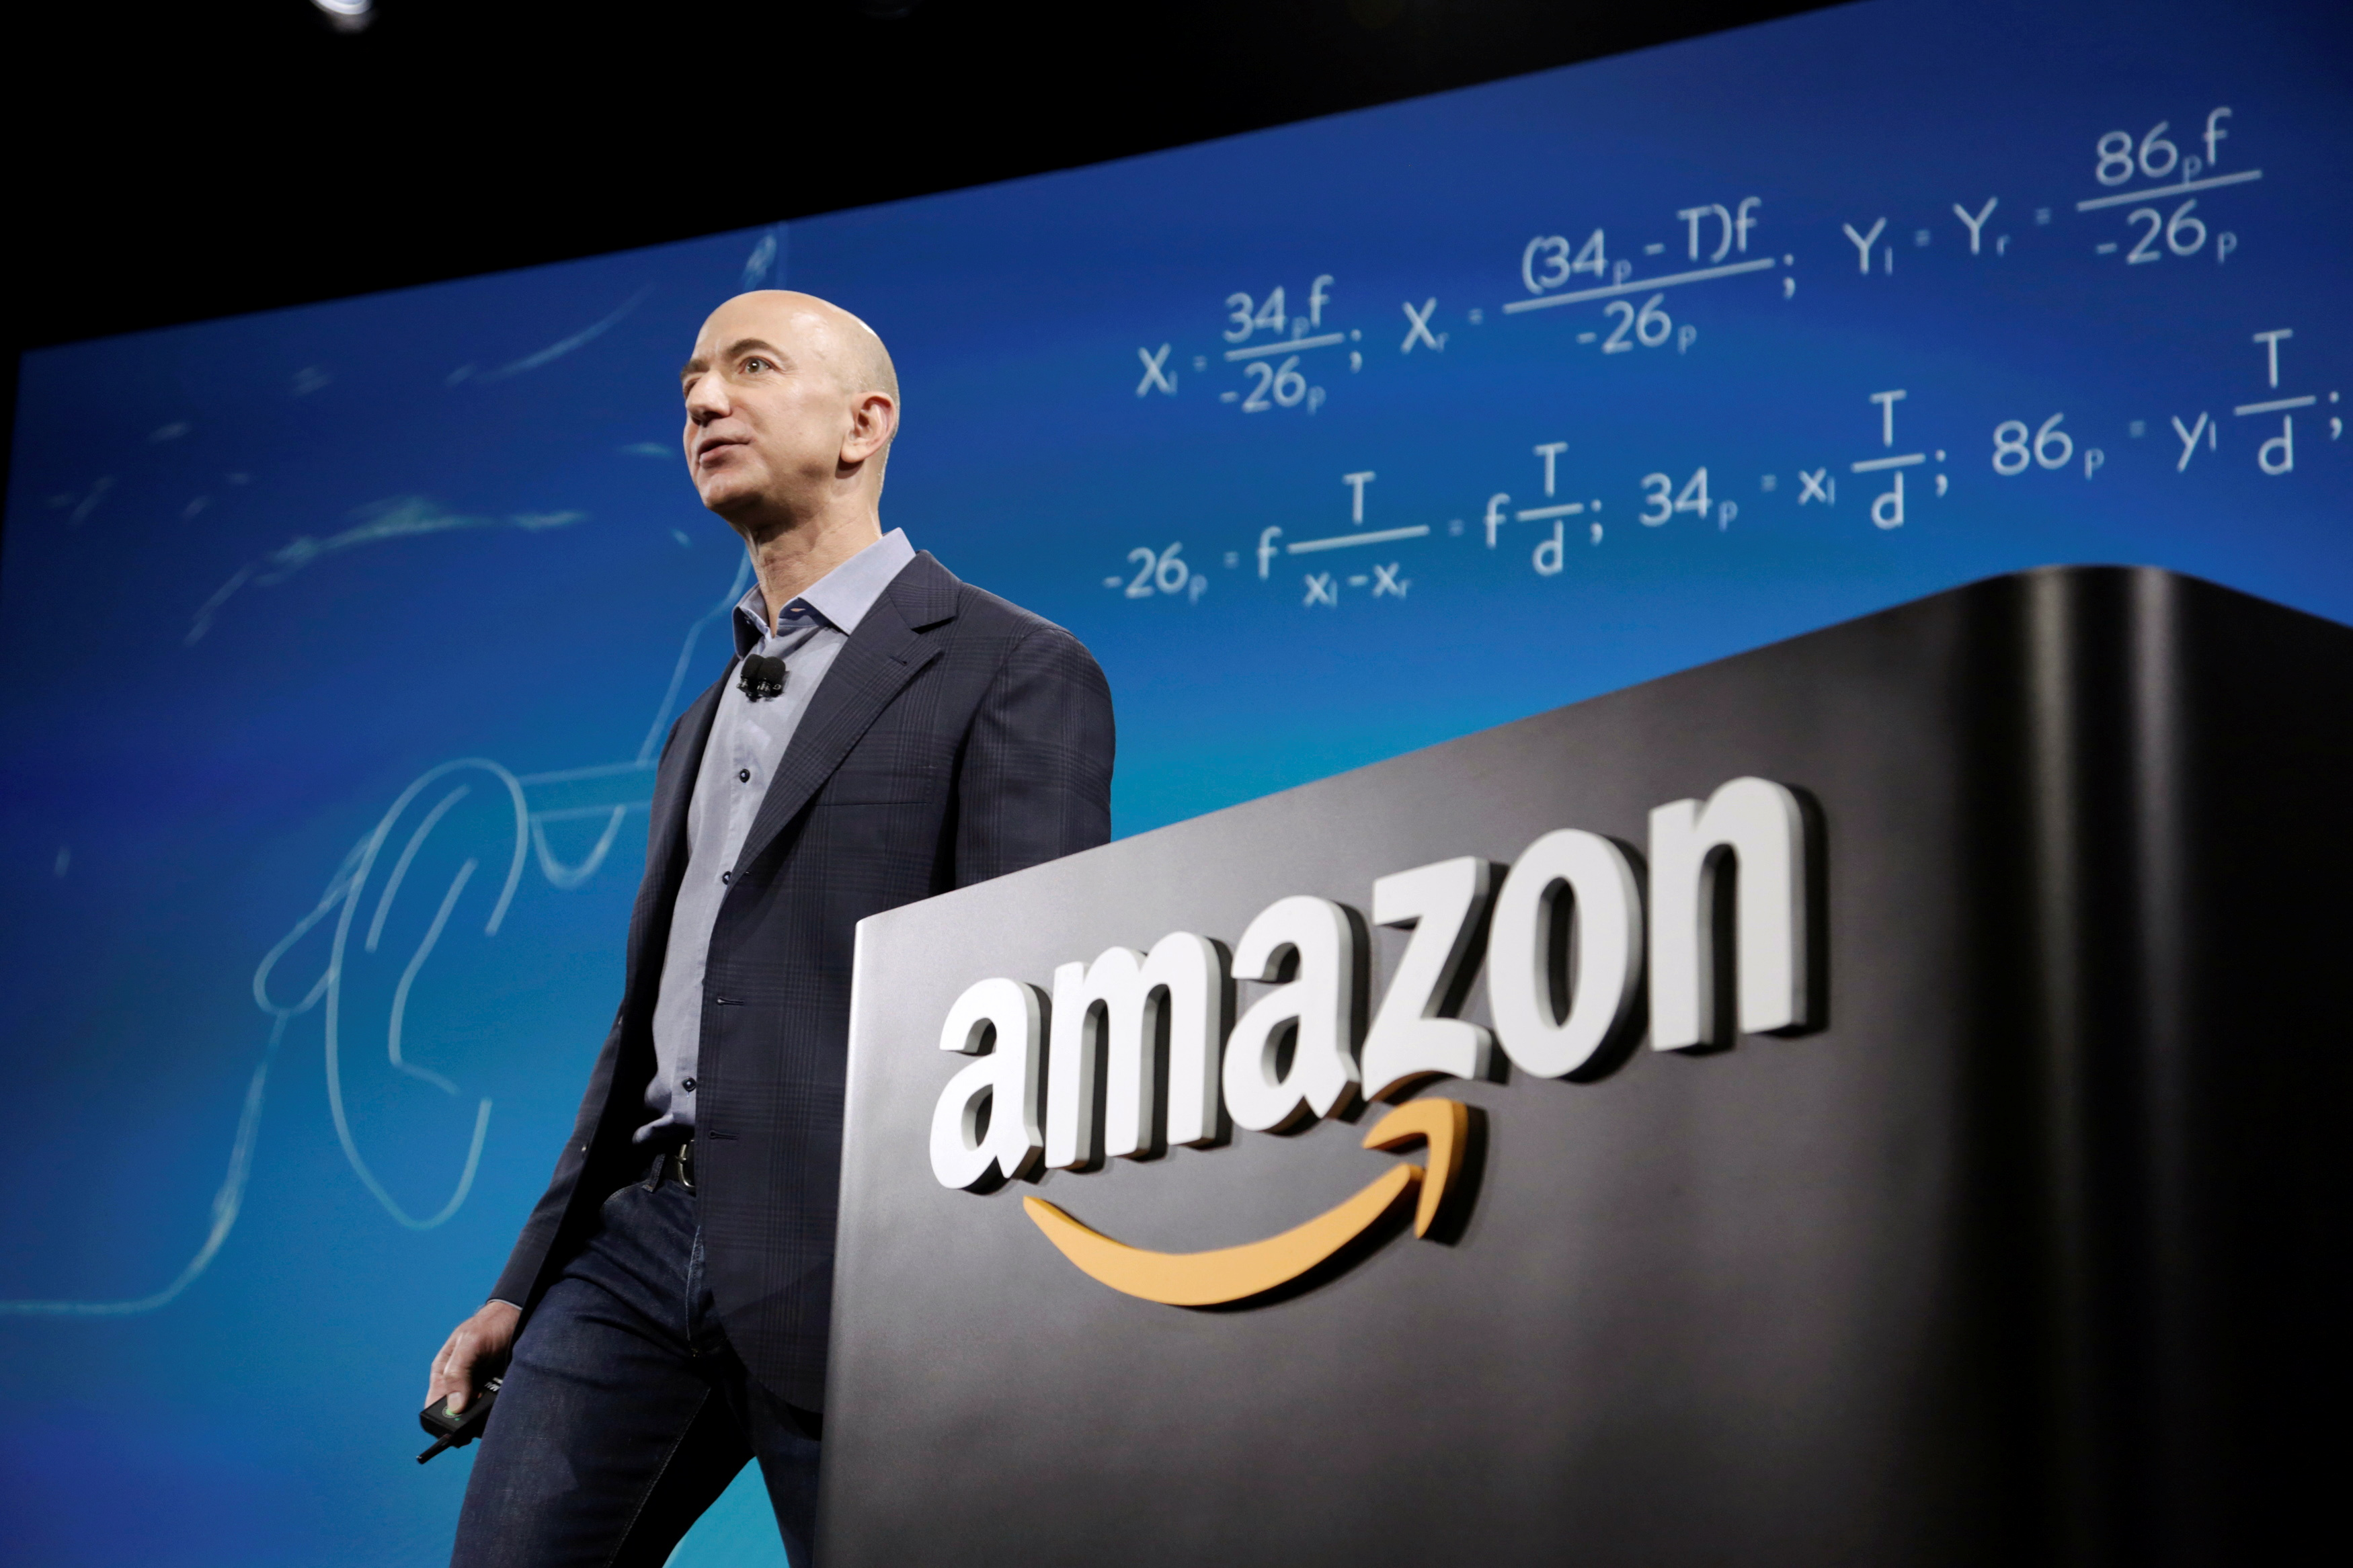 Nếu ôm cổ phiếu Amazon từ ngày IPO đến lúc Jeff Bezos từ chức, nhà đầu tư lãi 2.340 lần